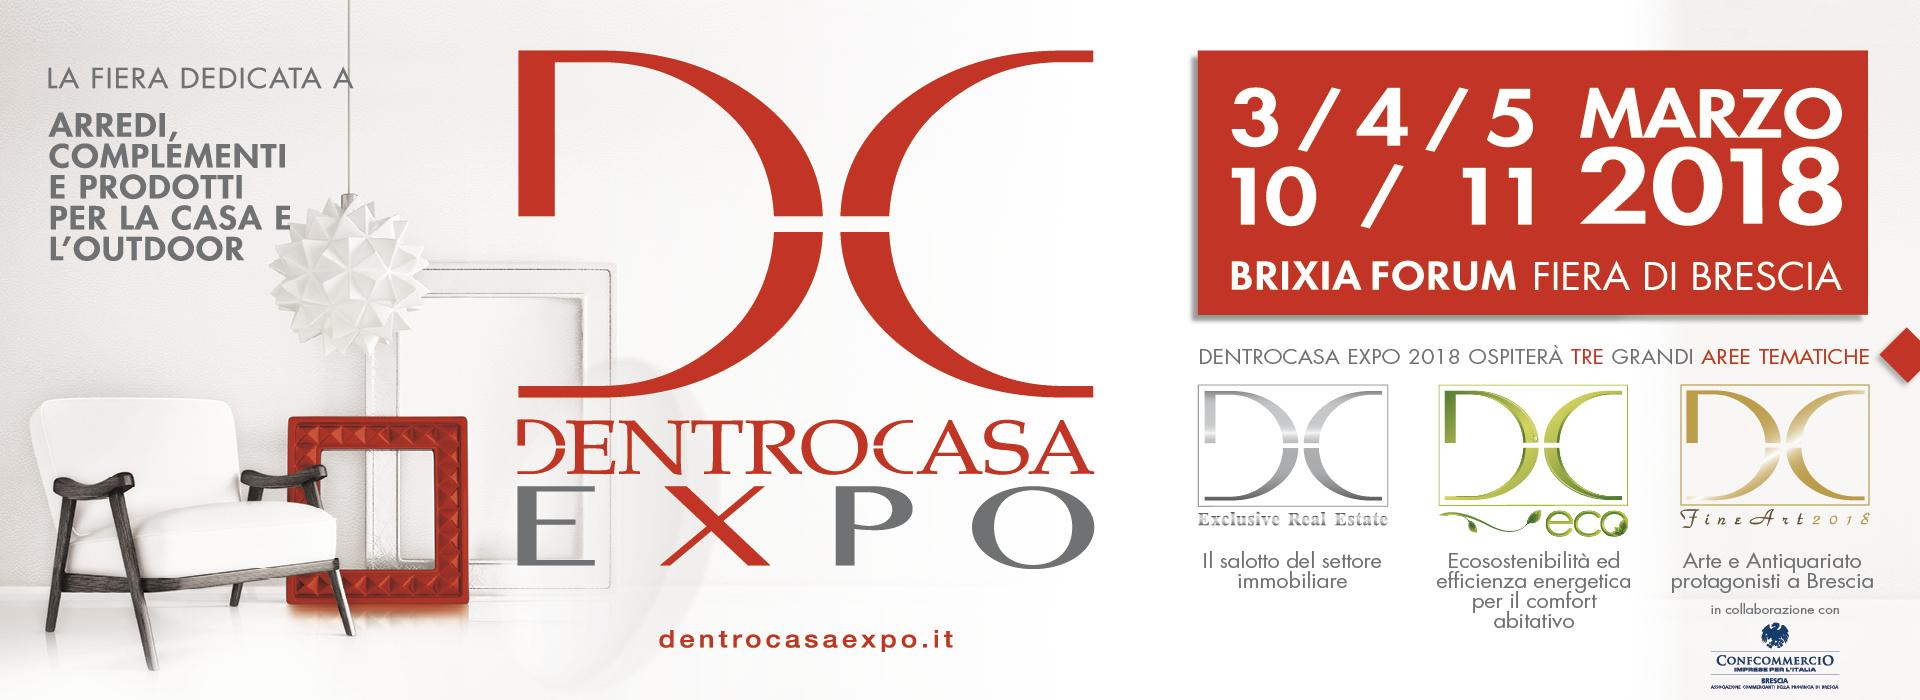 Dentrocasa Expo marzo 2018